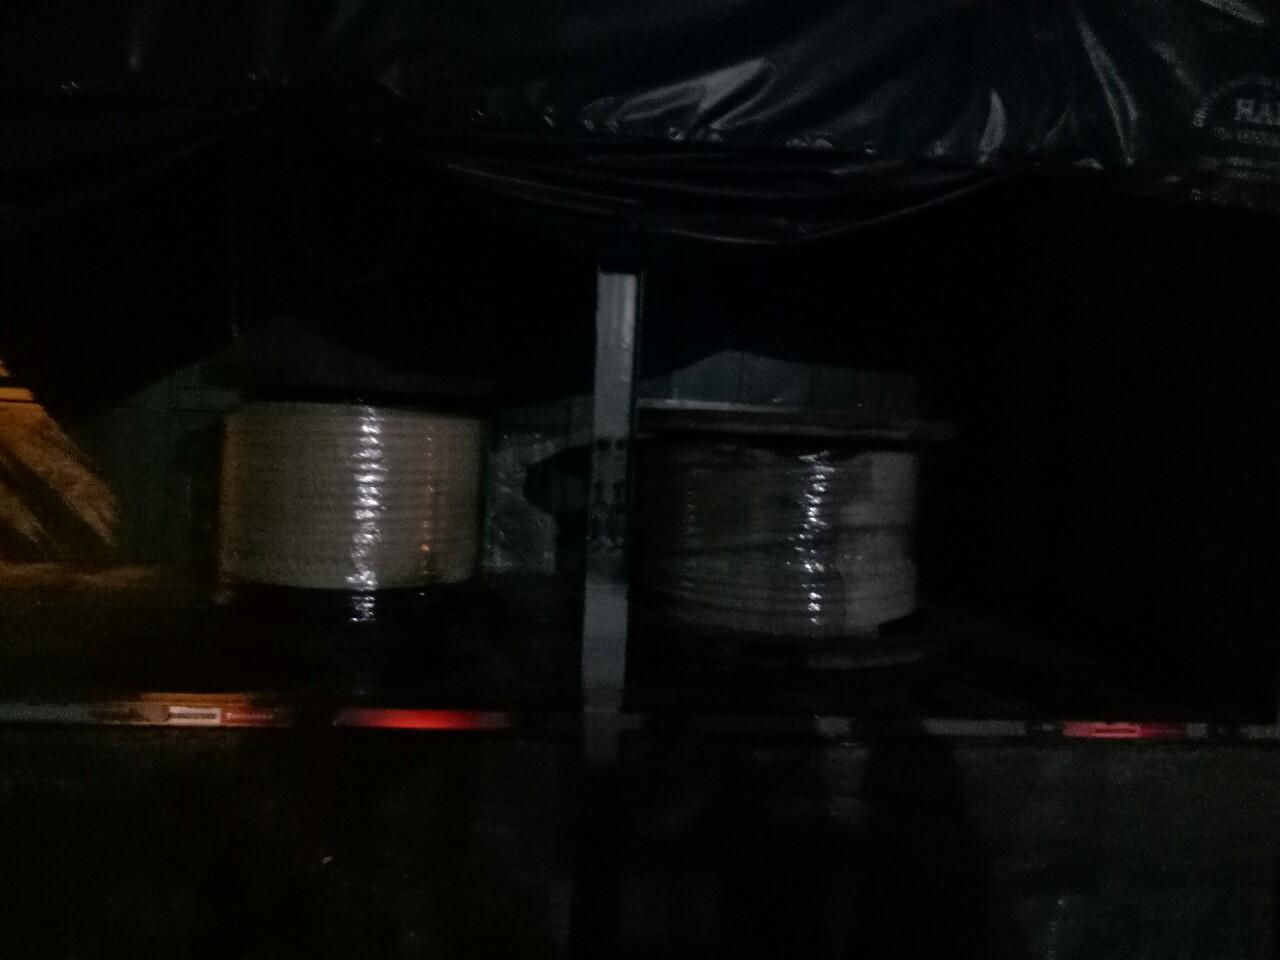 Cung cấp cáp Hàn Quốc D40, Cáp thép,  Cáp, cáp thép D40 6x36 IWRC HQ, Sản phẩm cáp